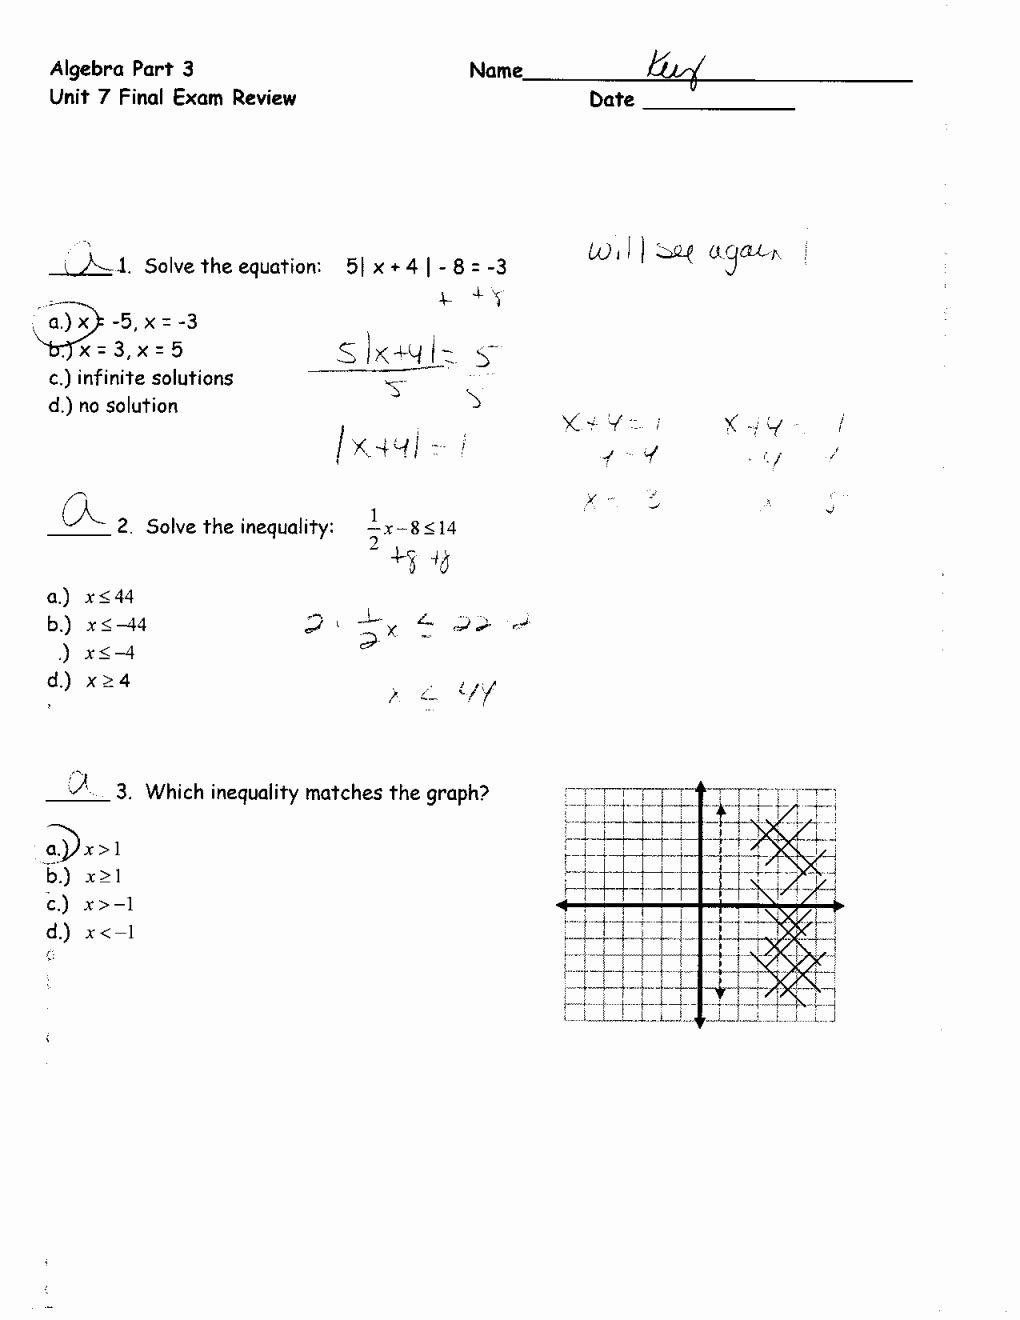 Evaluating Functions Worksheet Algebra 1 Unique Domain and Range Worksheet Algebra 1